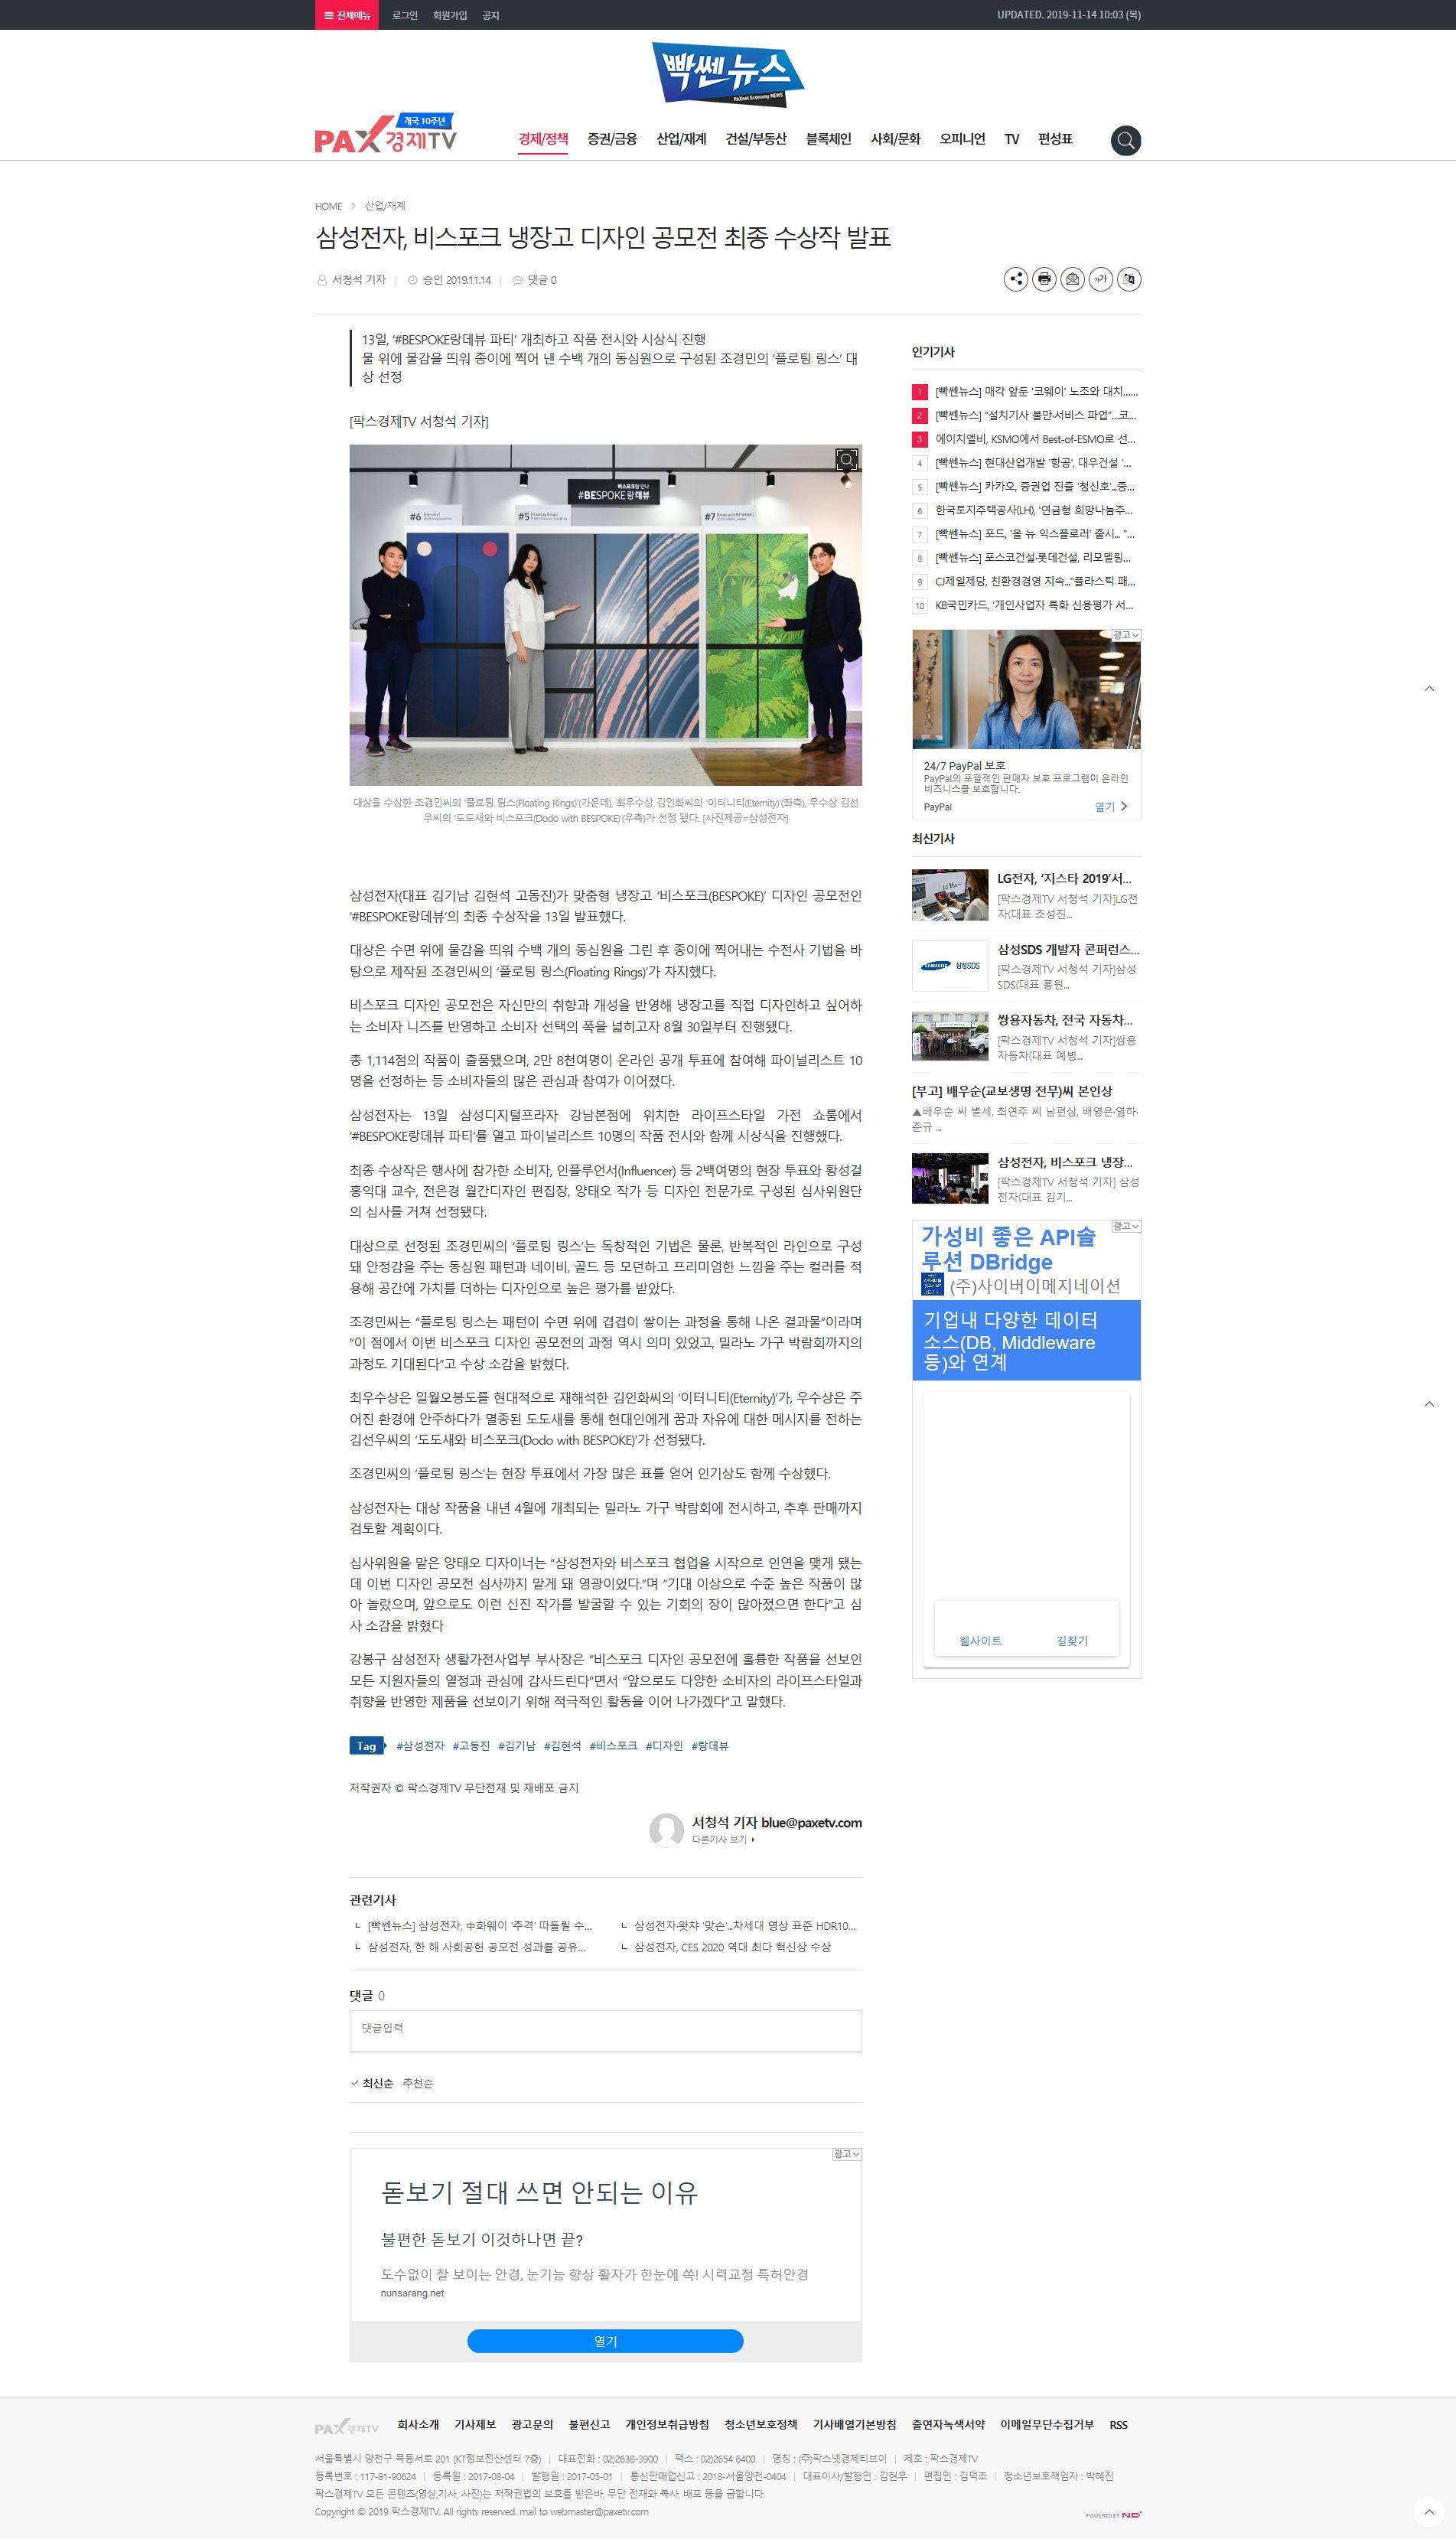 비스포크 랑데뷰 우수상 관련기사 20191114